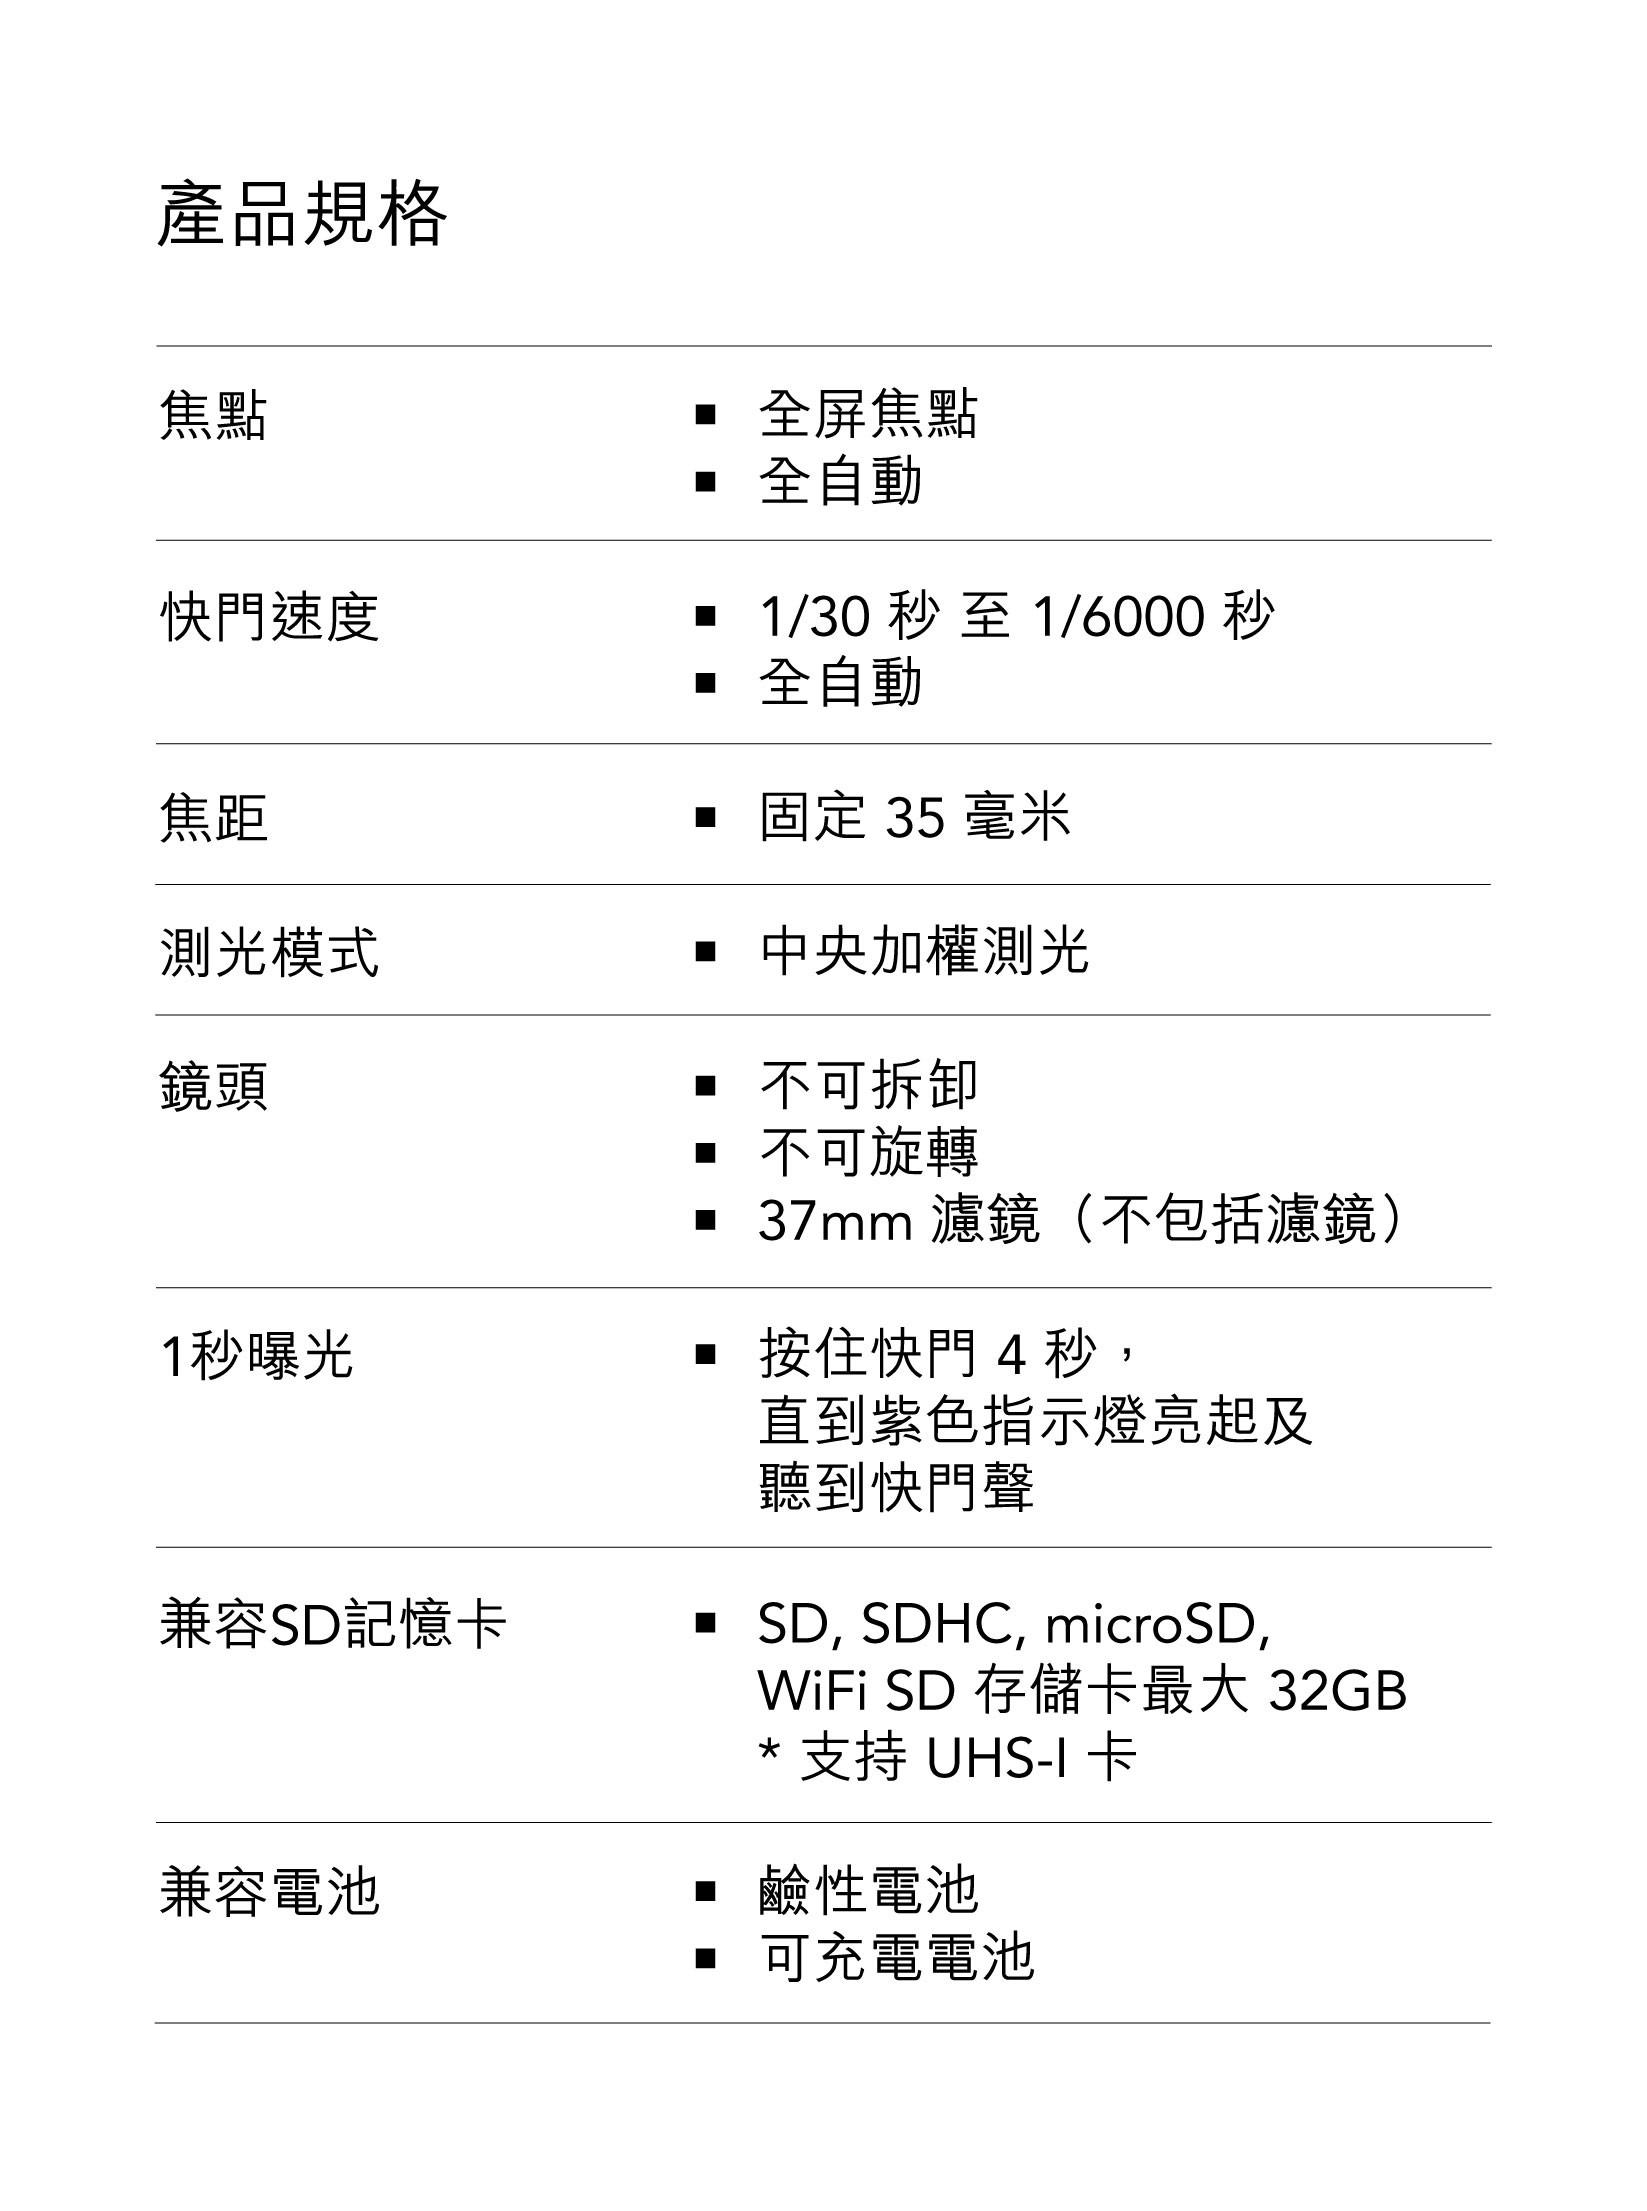 JD-Y35-HK_spec-02.jpg